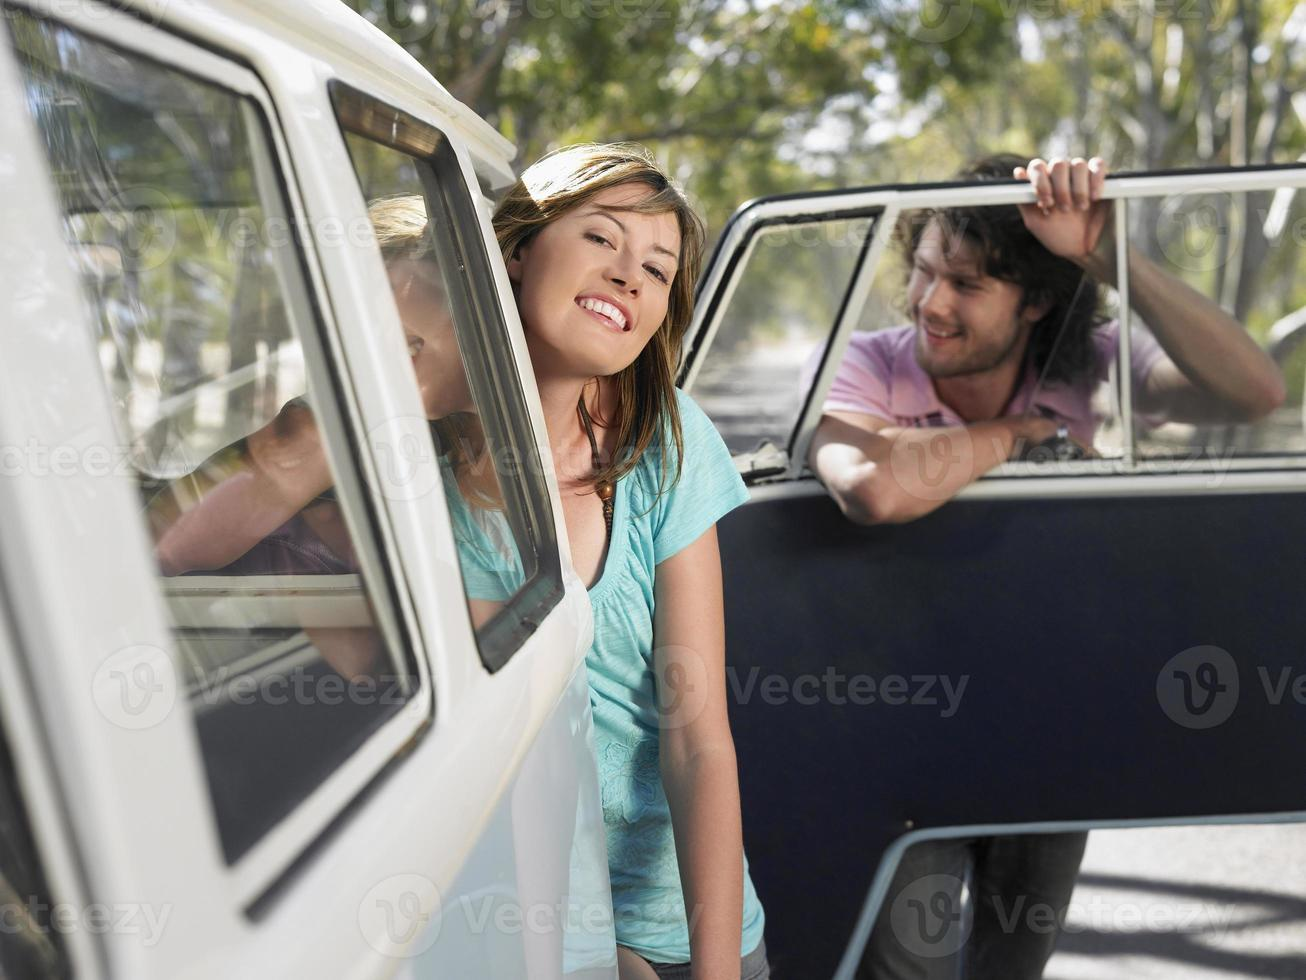 par som lutar sig från campervan under bilresa foto